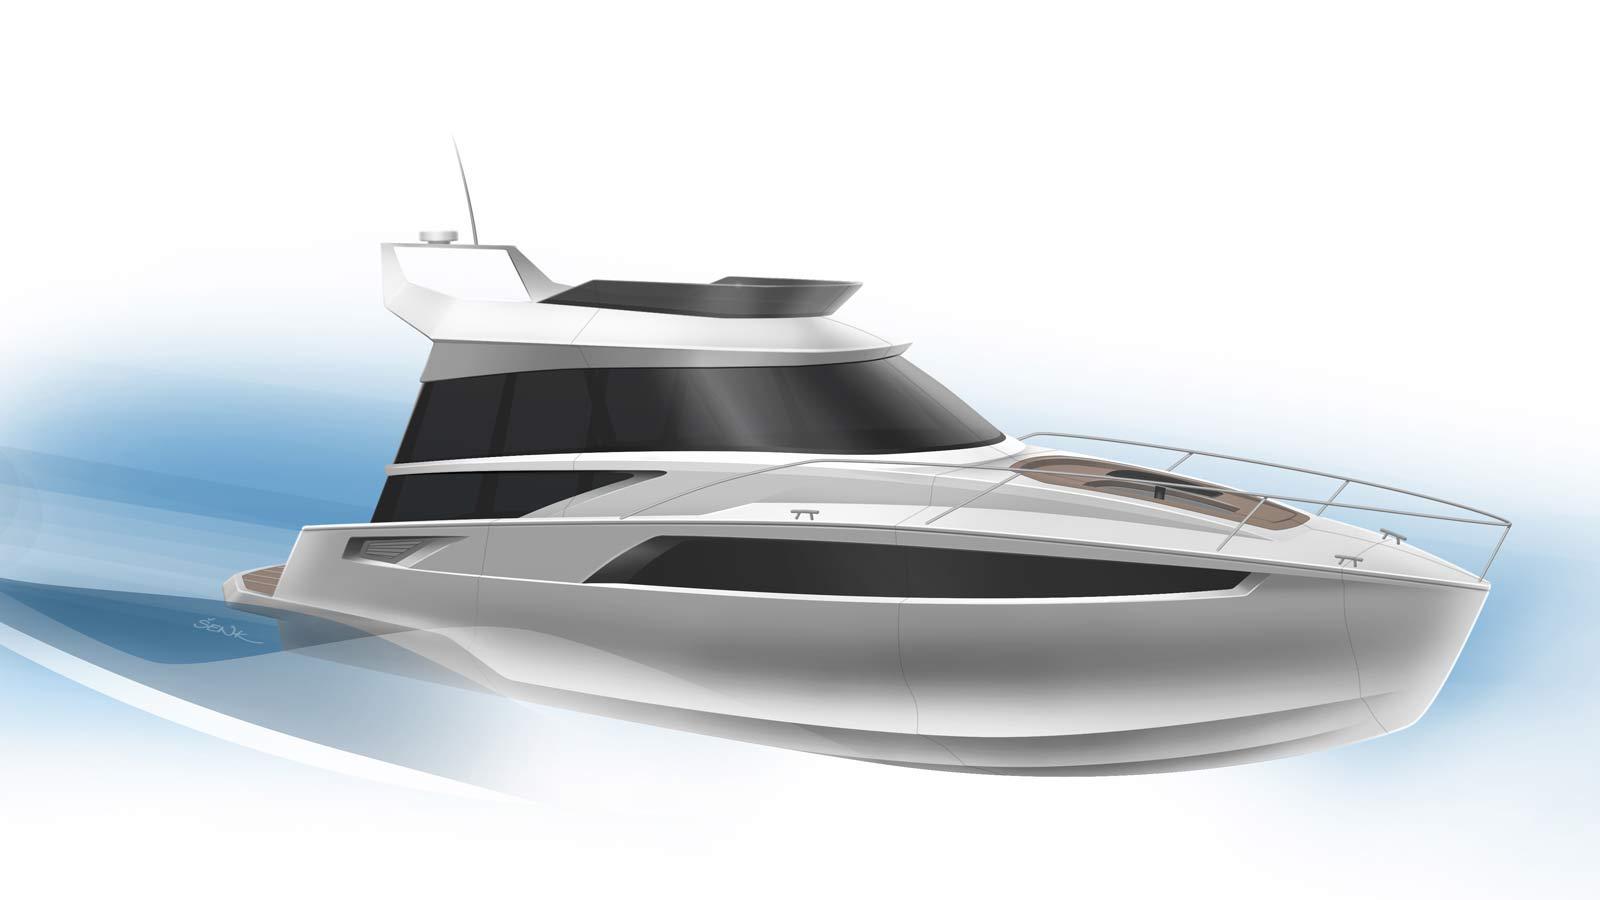 Yacht desgin sketch